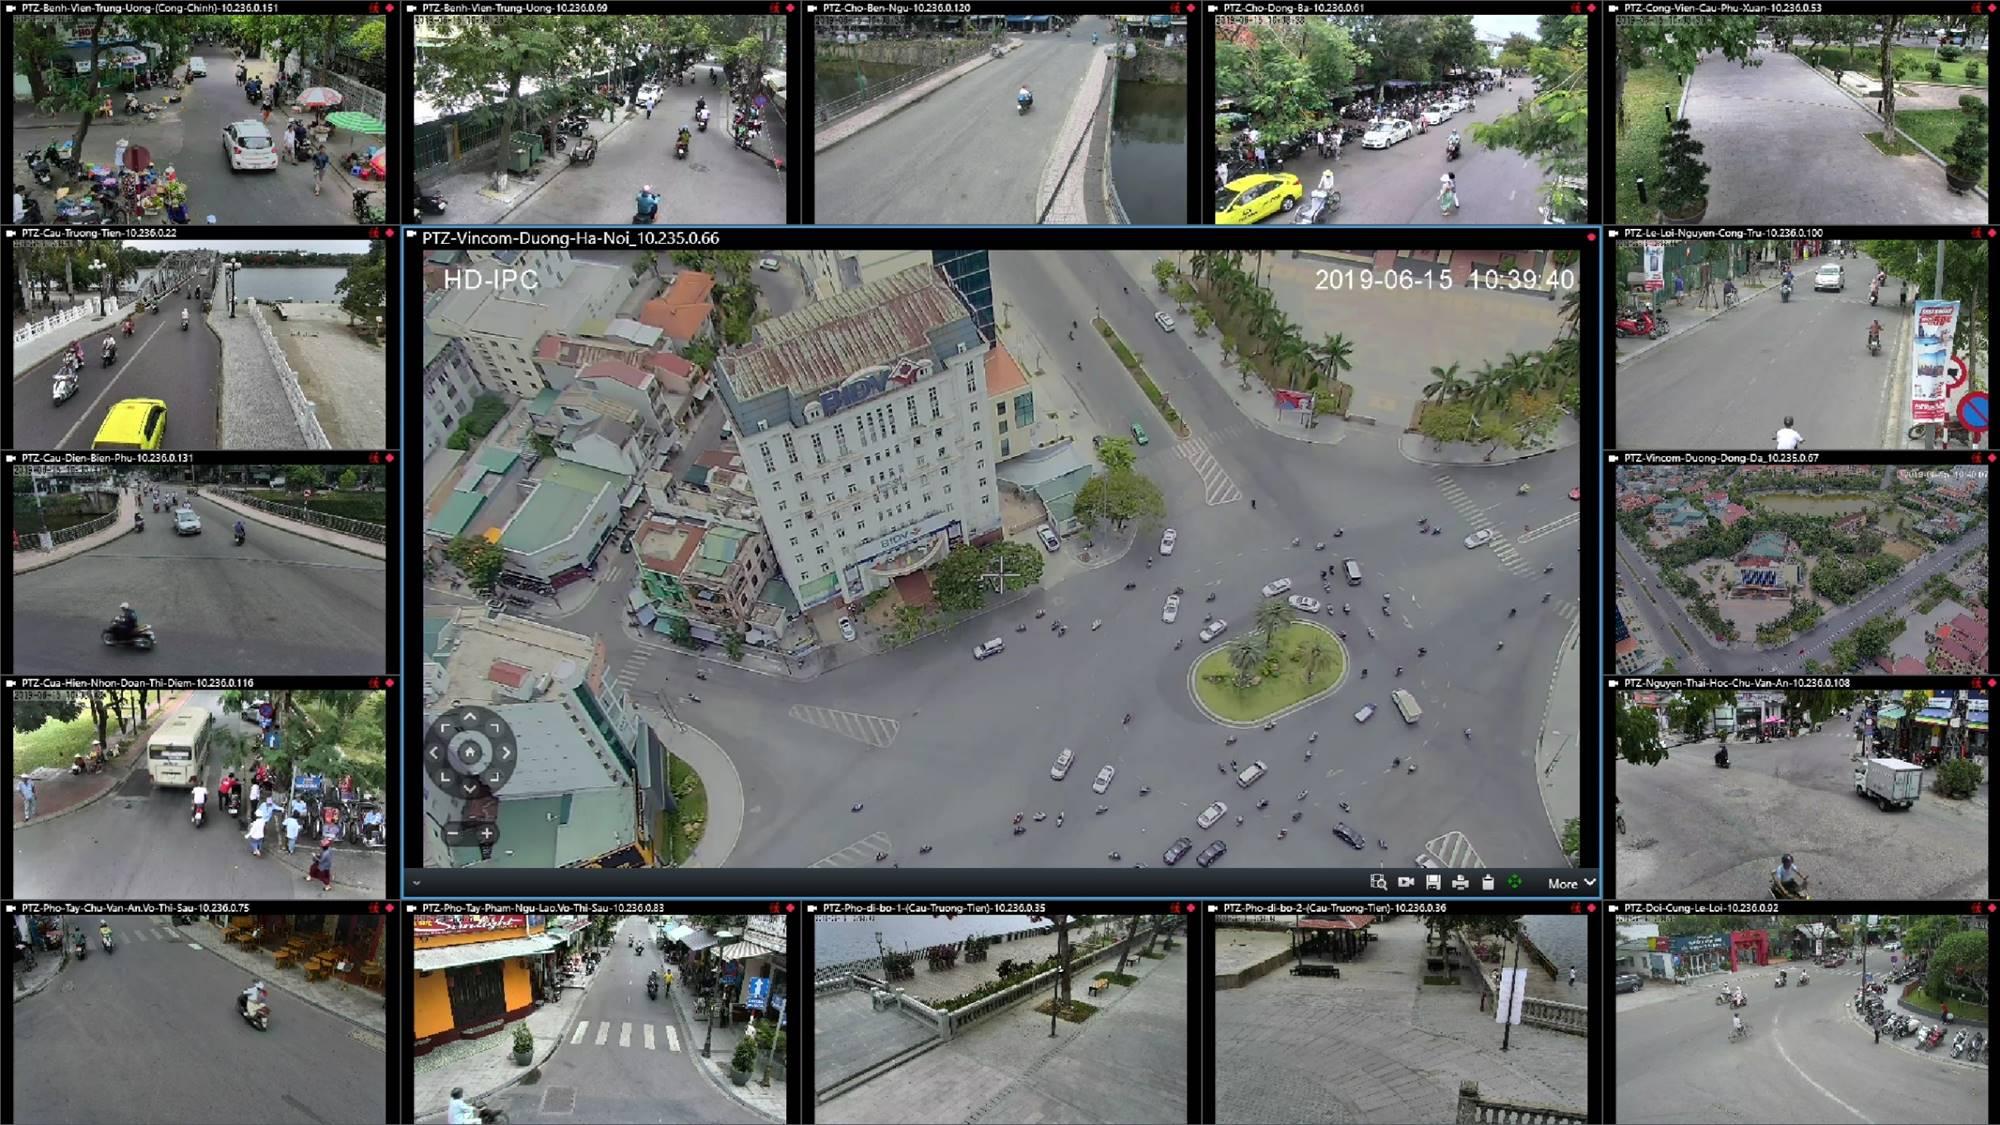 Toàn bộ hình ảnh từ hệ thống camera sẽ được chuyển về Trung tâm IOC để có thể giám sát nhiều vấn đề trong đô thị | Ảnh: IOC